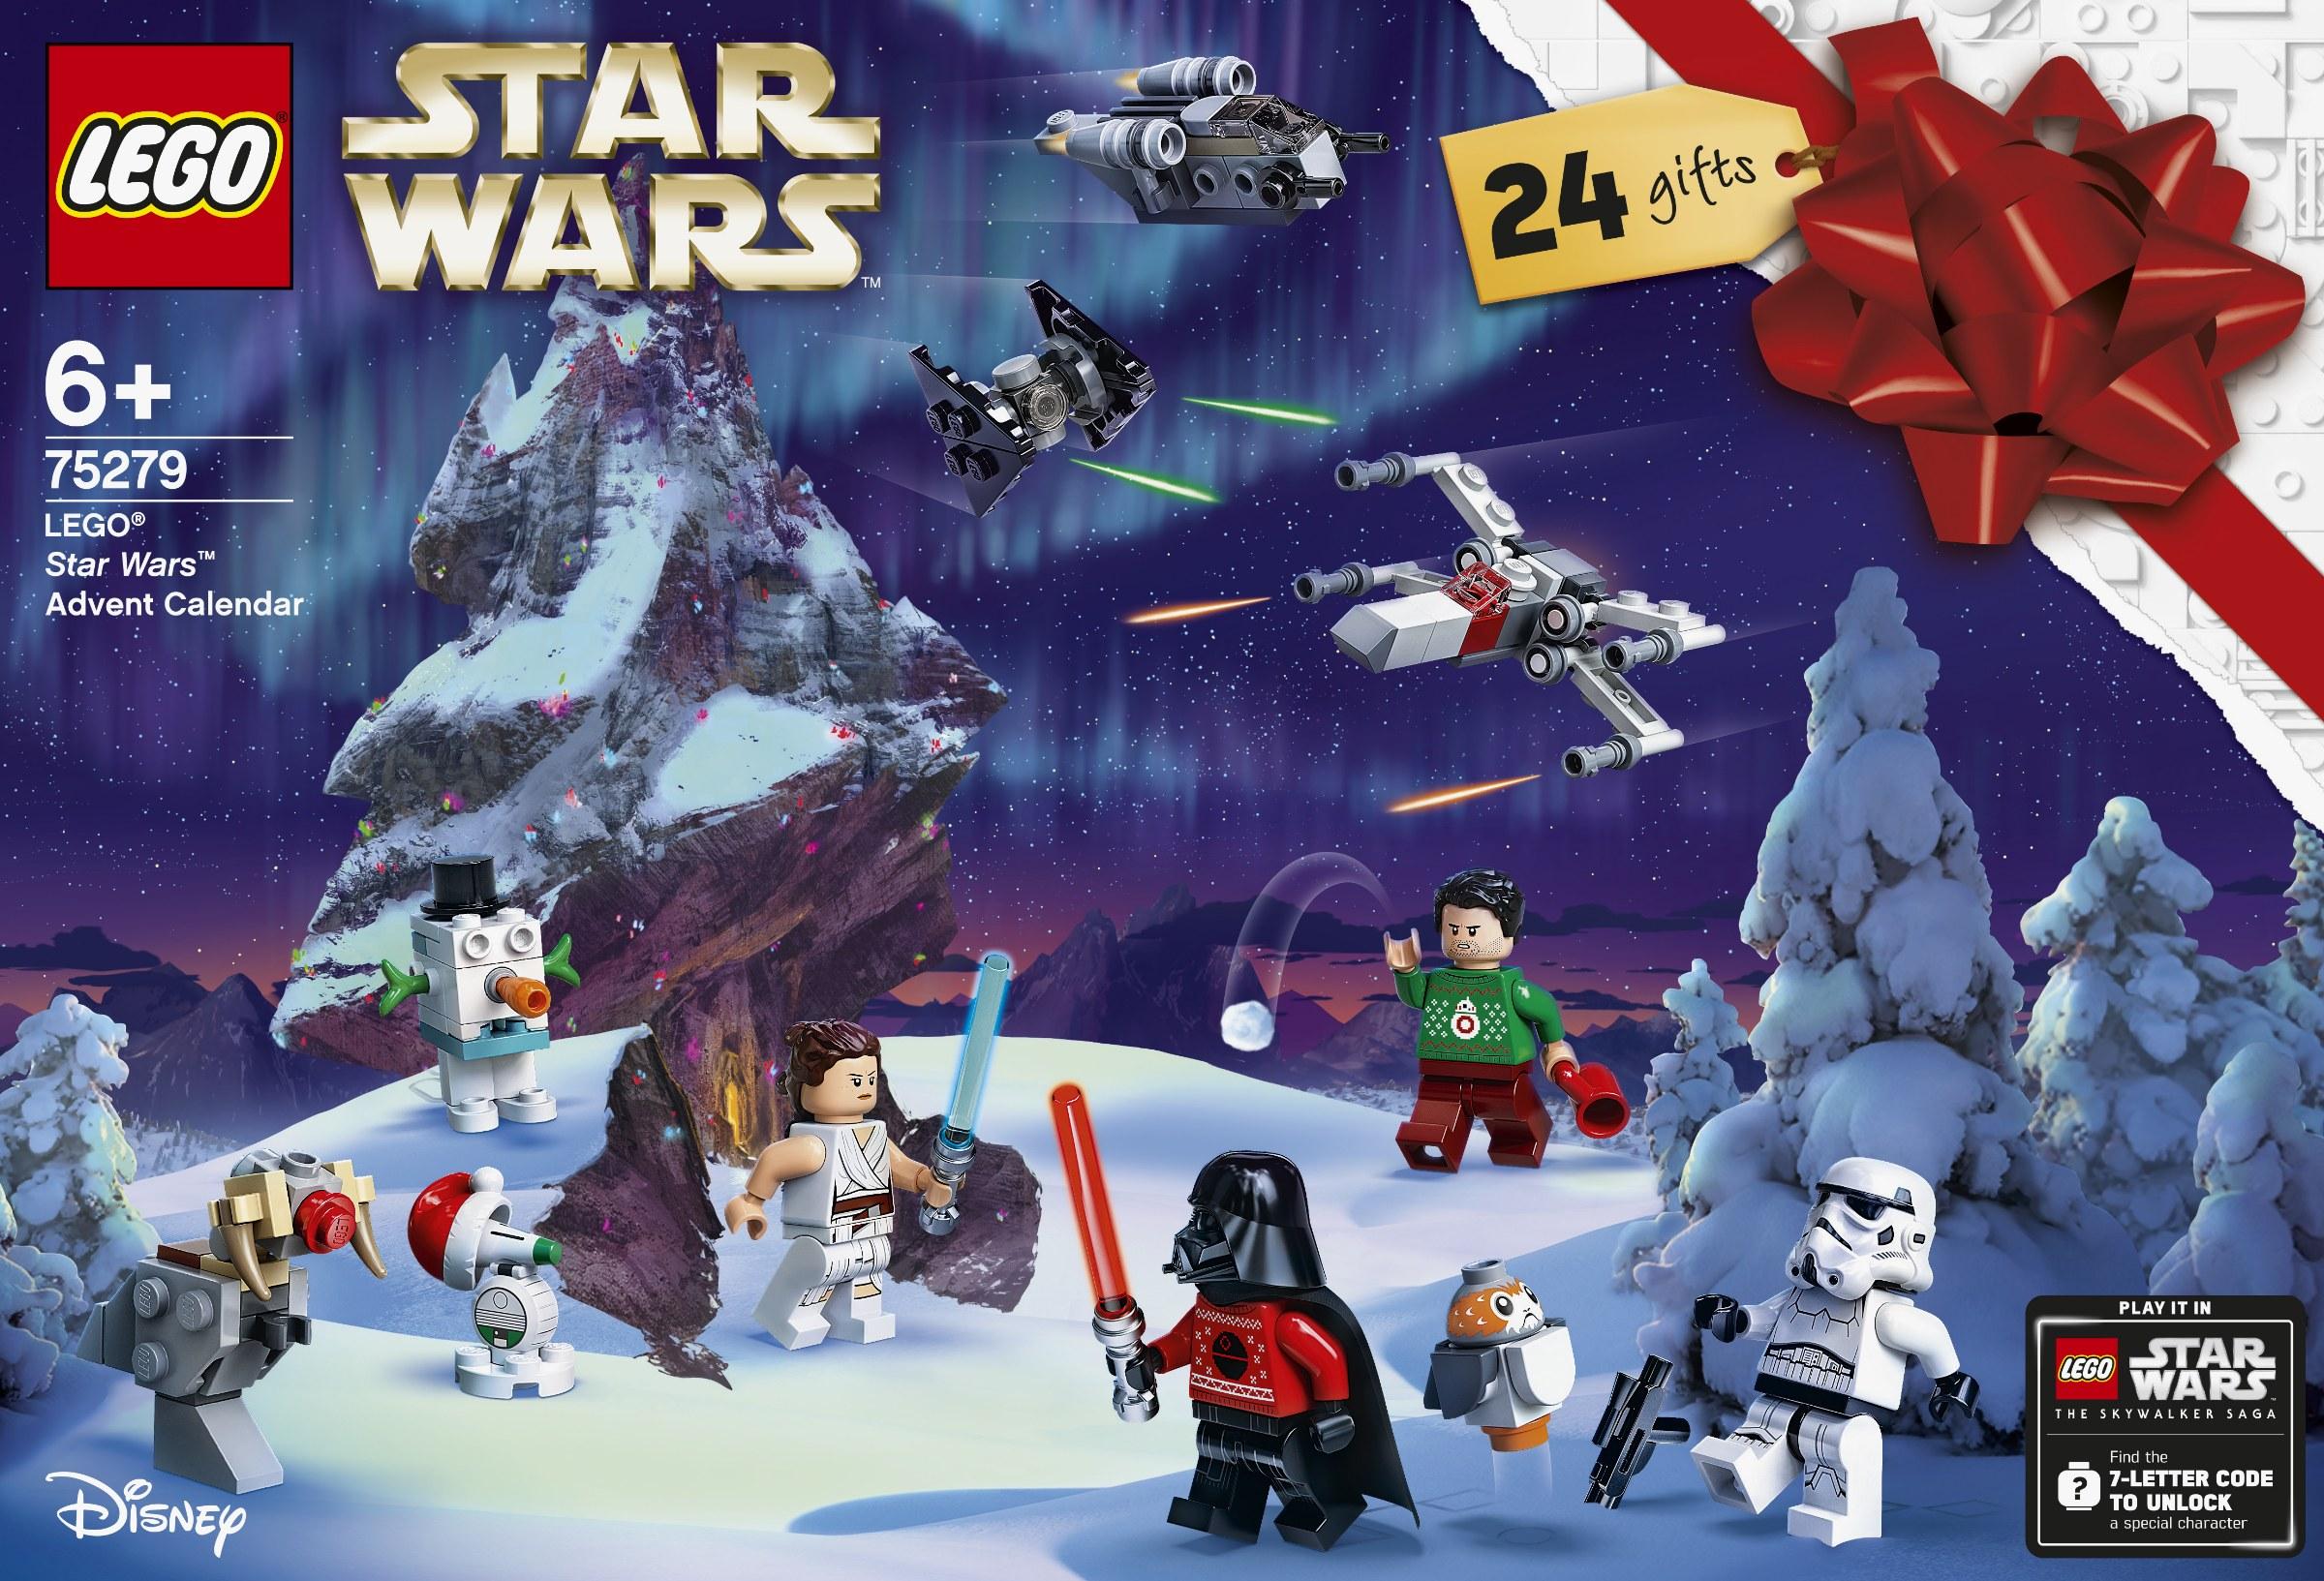 Lego Star Wars Christmas 2020 75279 LEGO Star Wars 2020 Advent Calendar | Brickipedia | Fandom